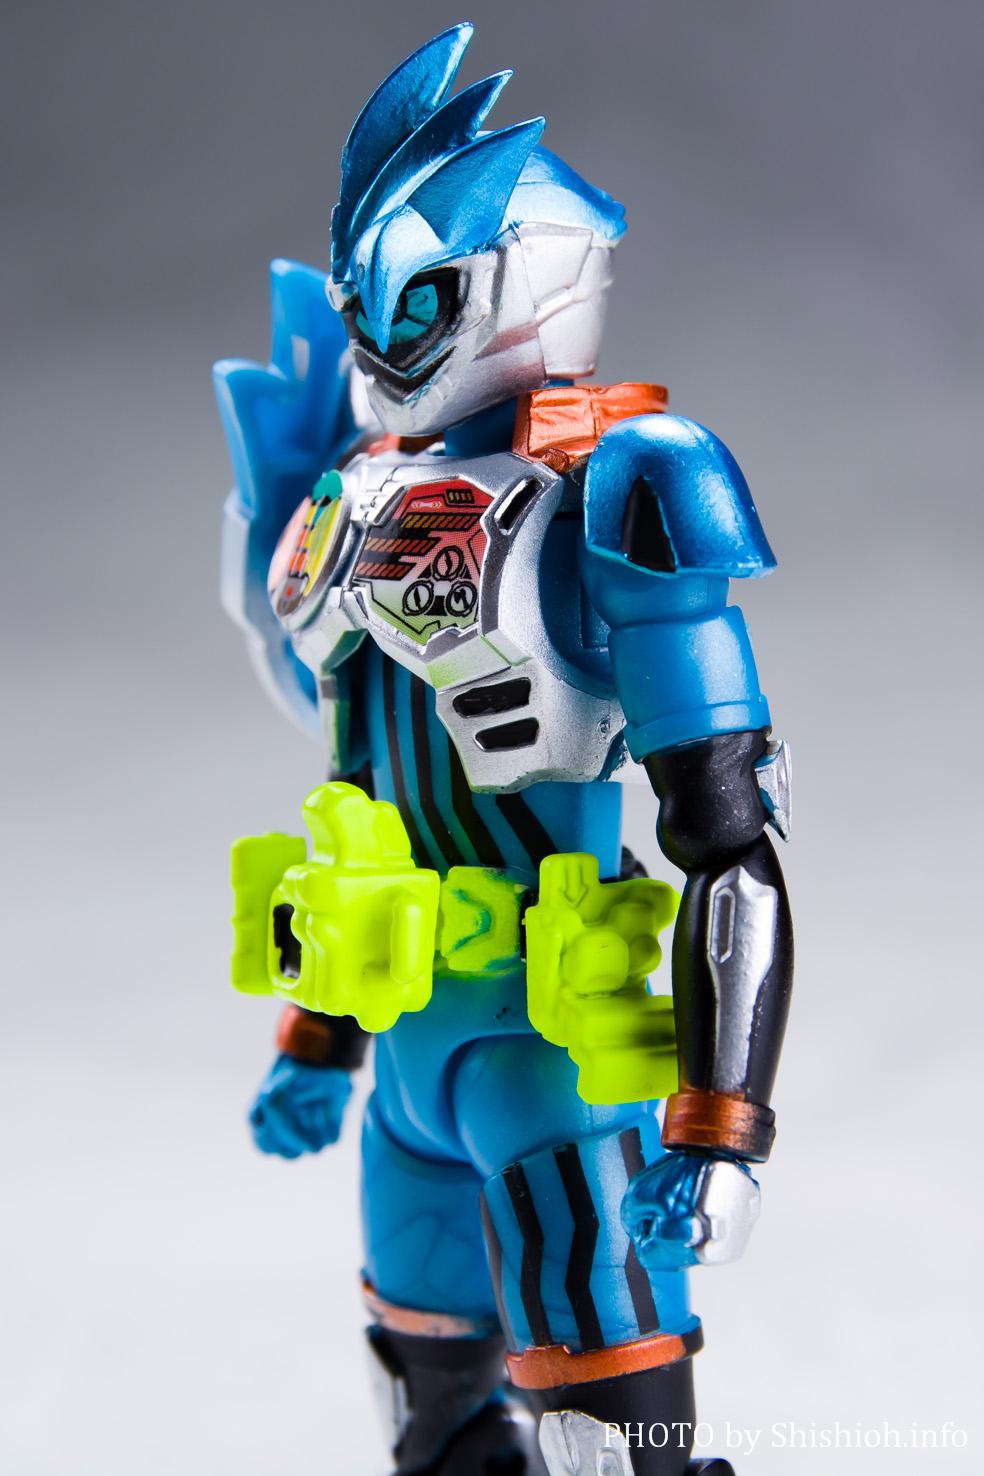 SHODO-X 仮面ライダー11 仮面ライダーエグゼイド ダブルアクションゲーマーレベルXX L